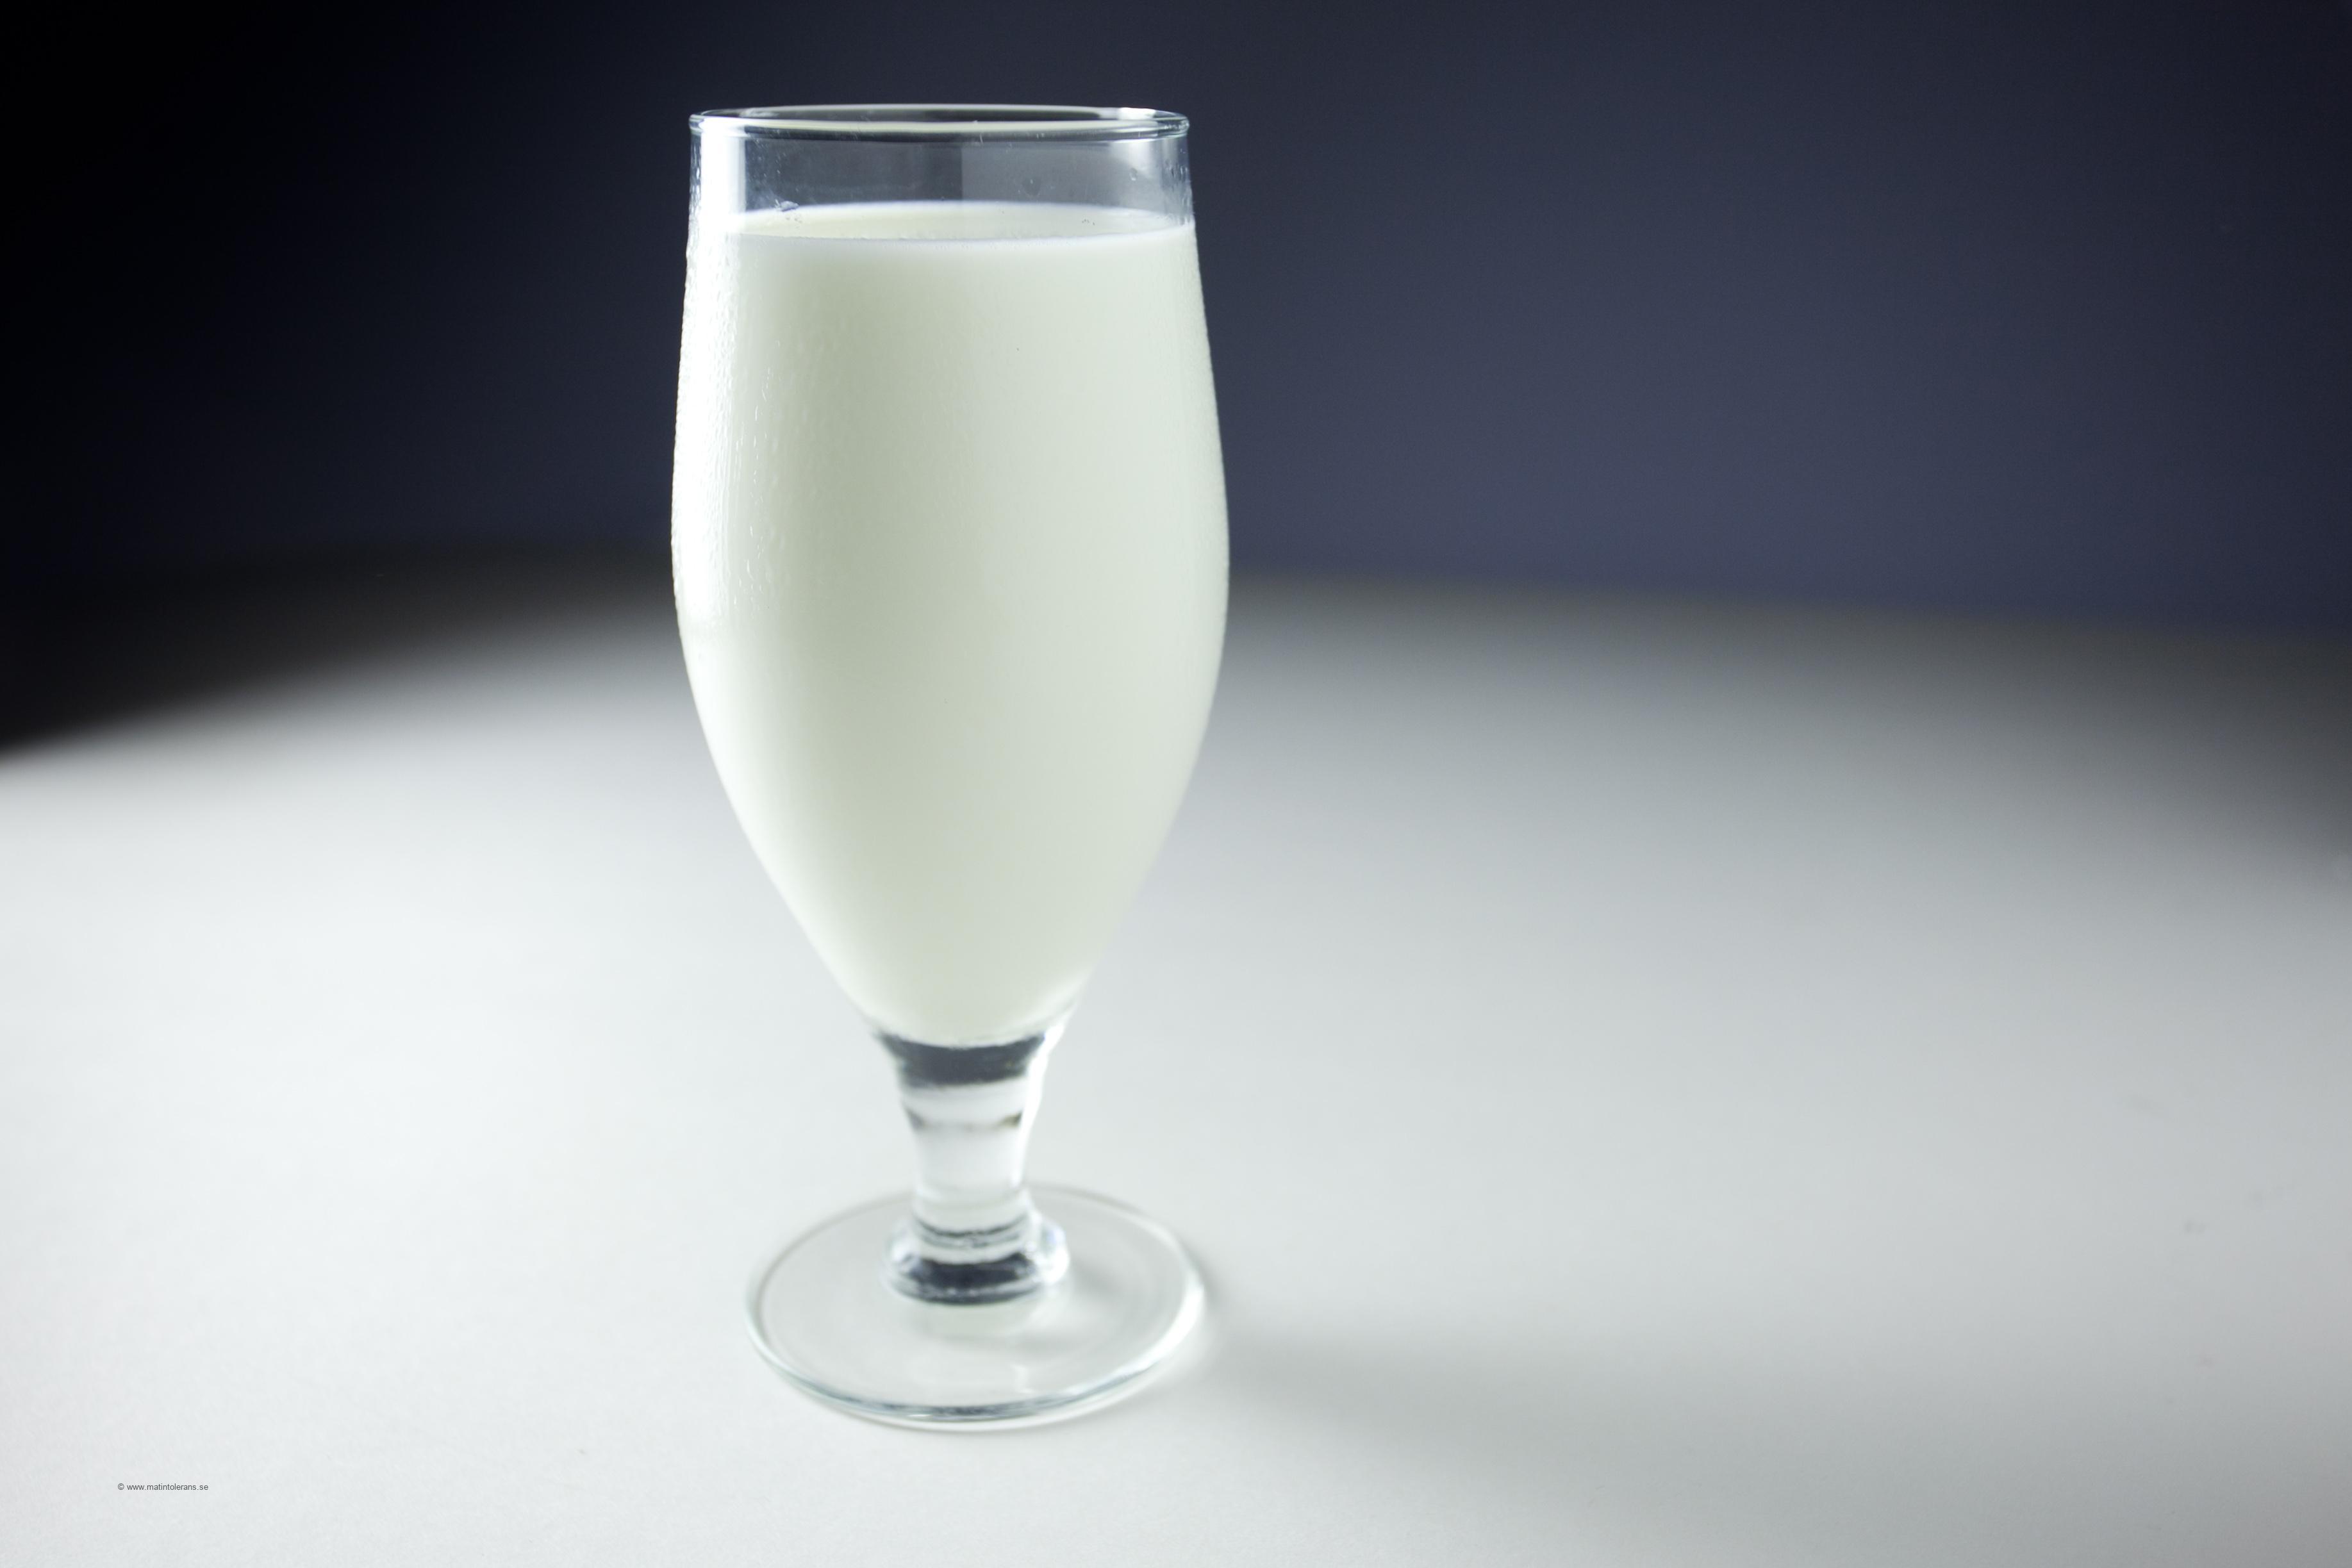 Att mjölk skulle höra ihop med rasism låter helt befängt